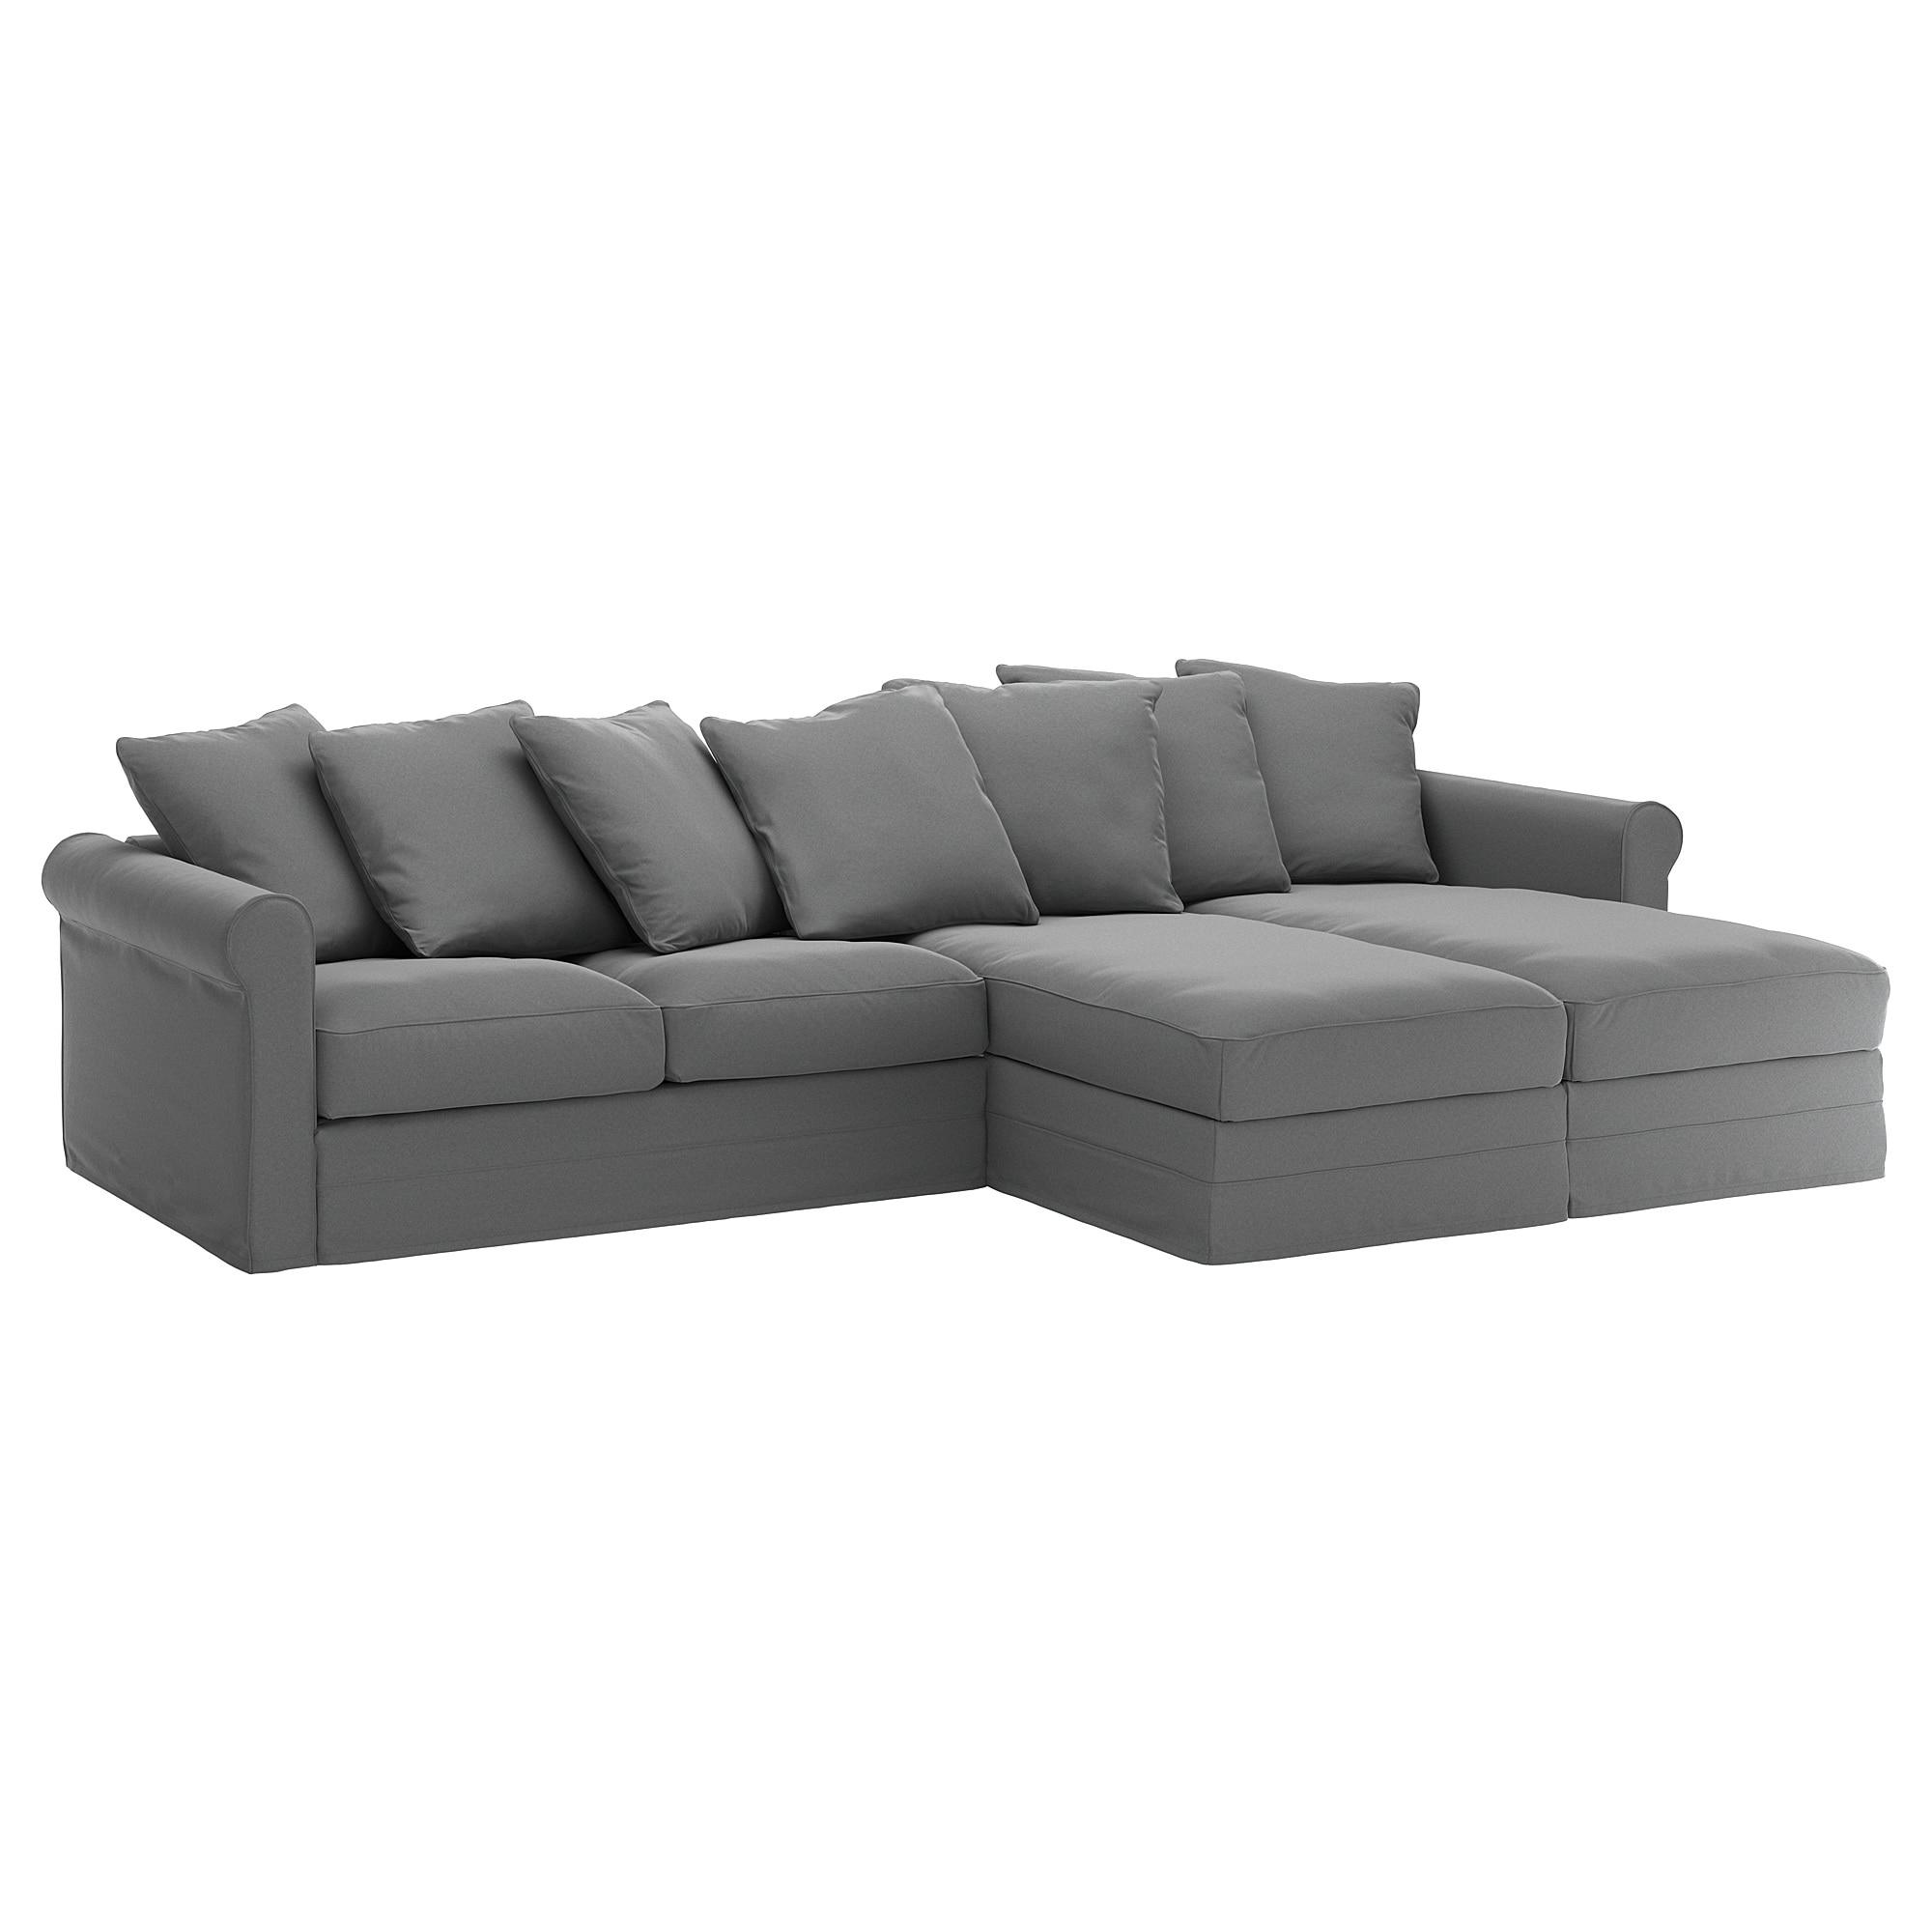 Sofa Cuatro Plazas E6d5 Grà Nlid sofà 4 Plazas Con Chaiselongues Ljungen Gris Ikea